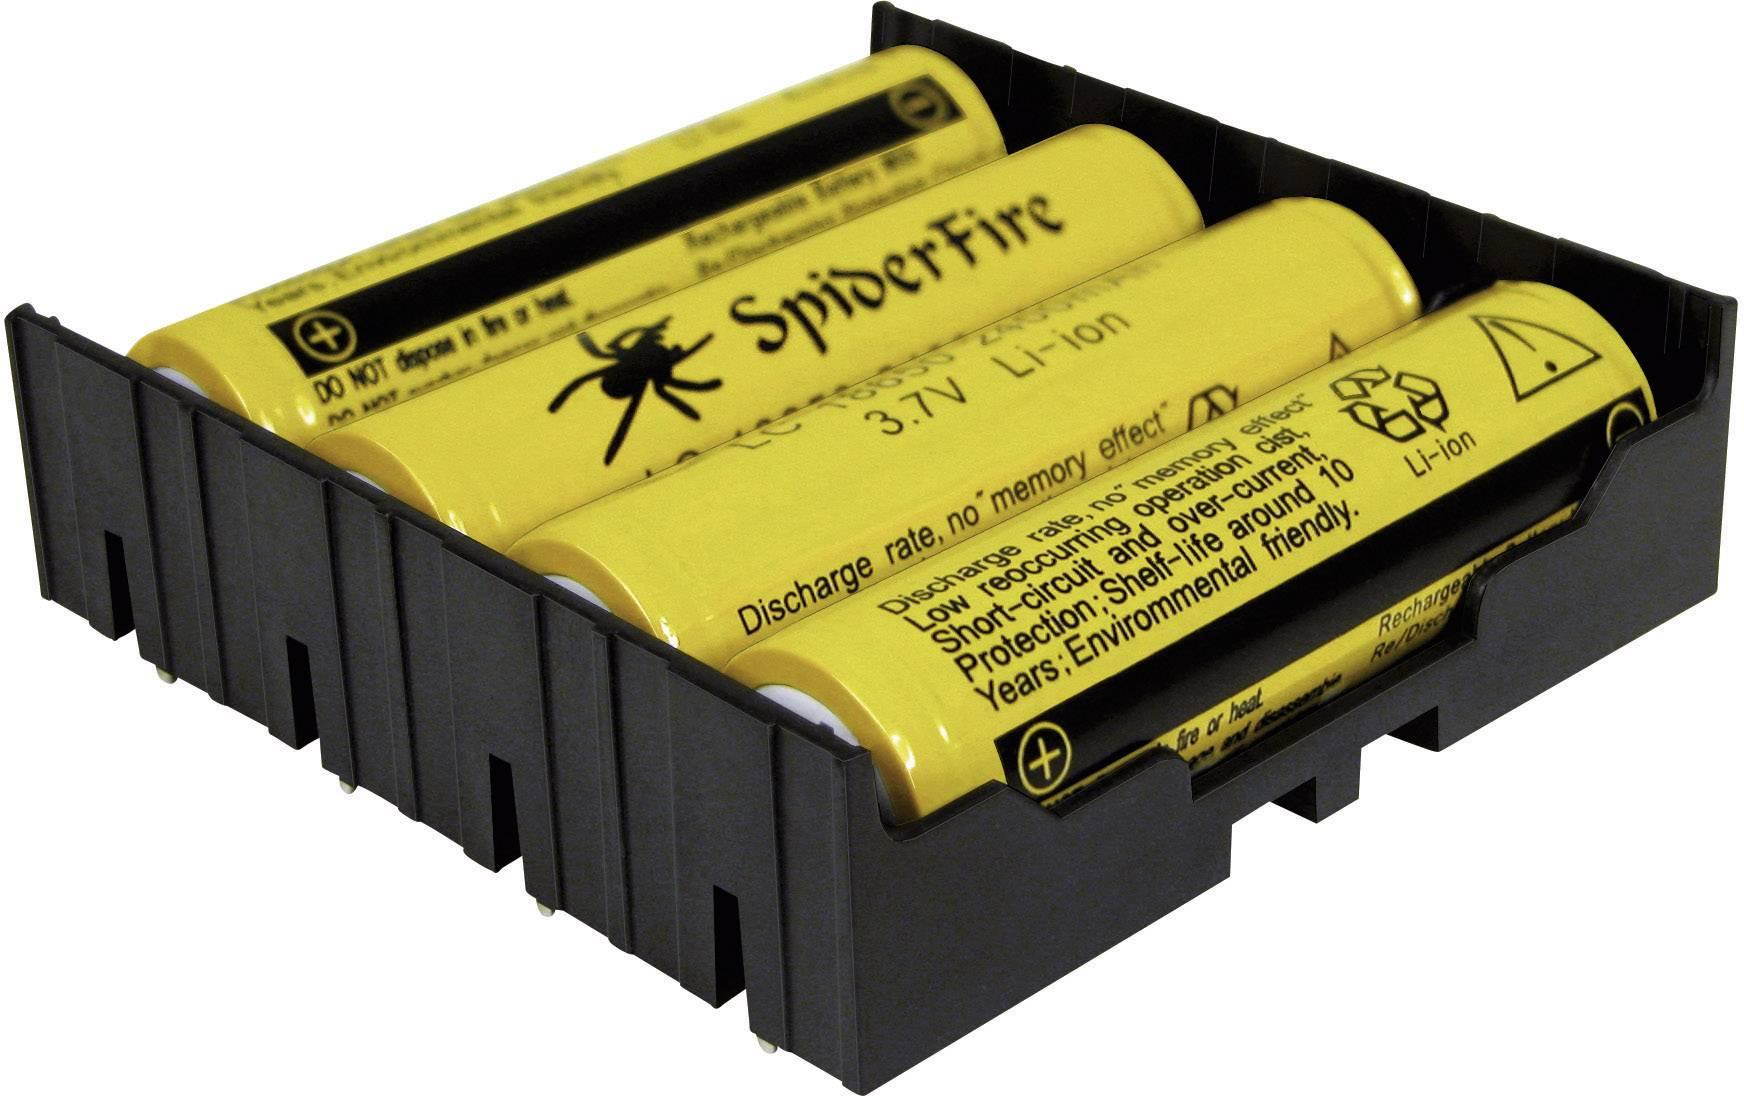 Kabel L x B x H 146 x 29 x 25mm C MPD BH13CW Batteriehalter 3x Baby